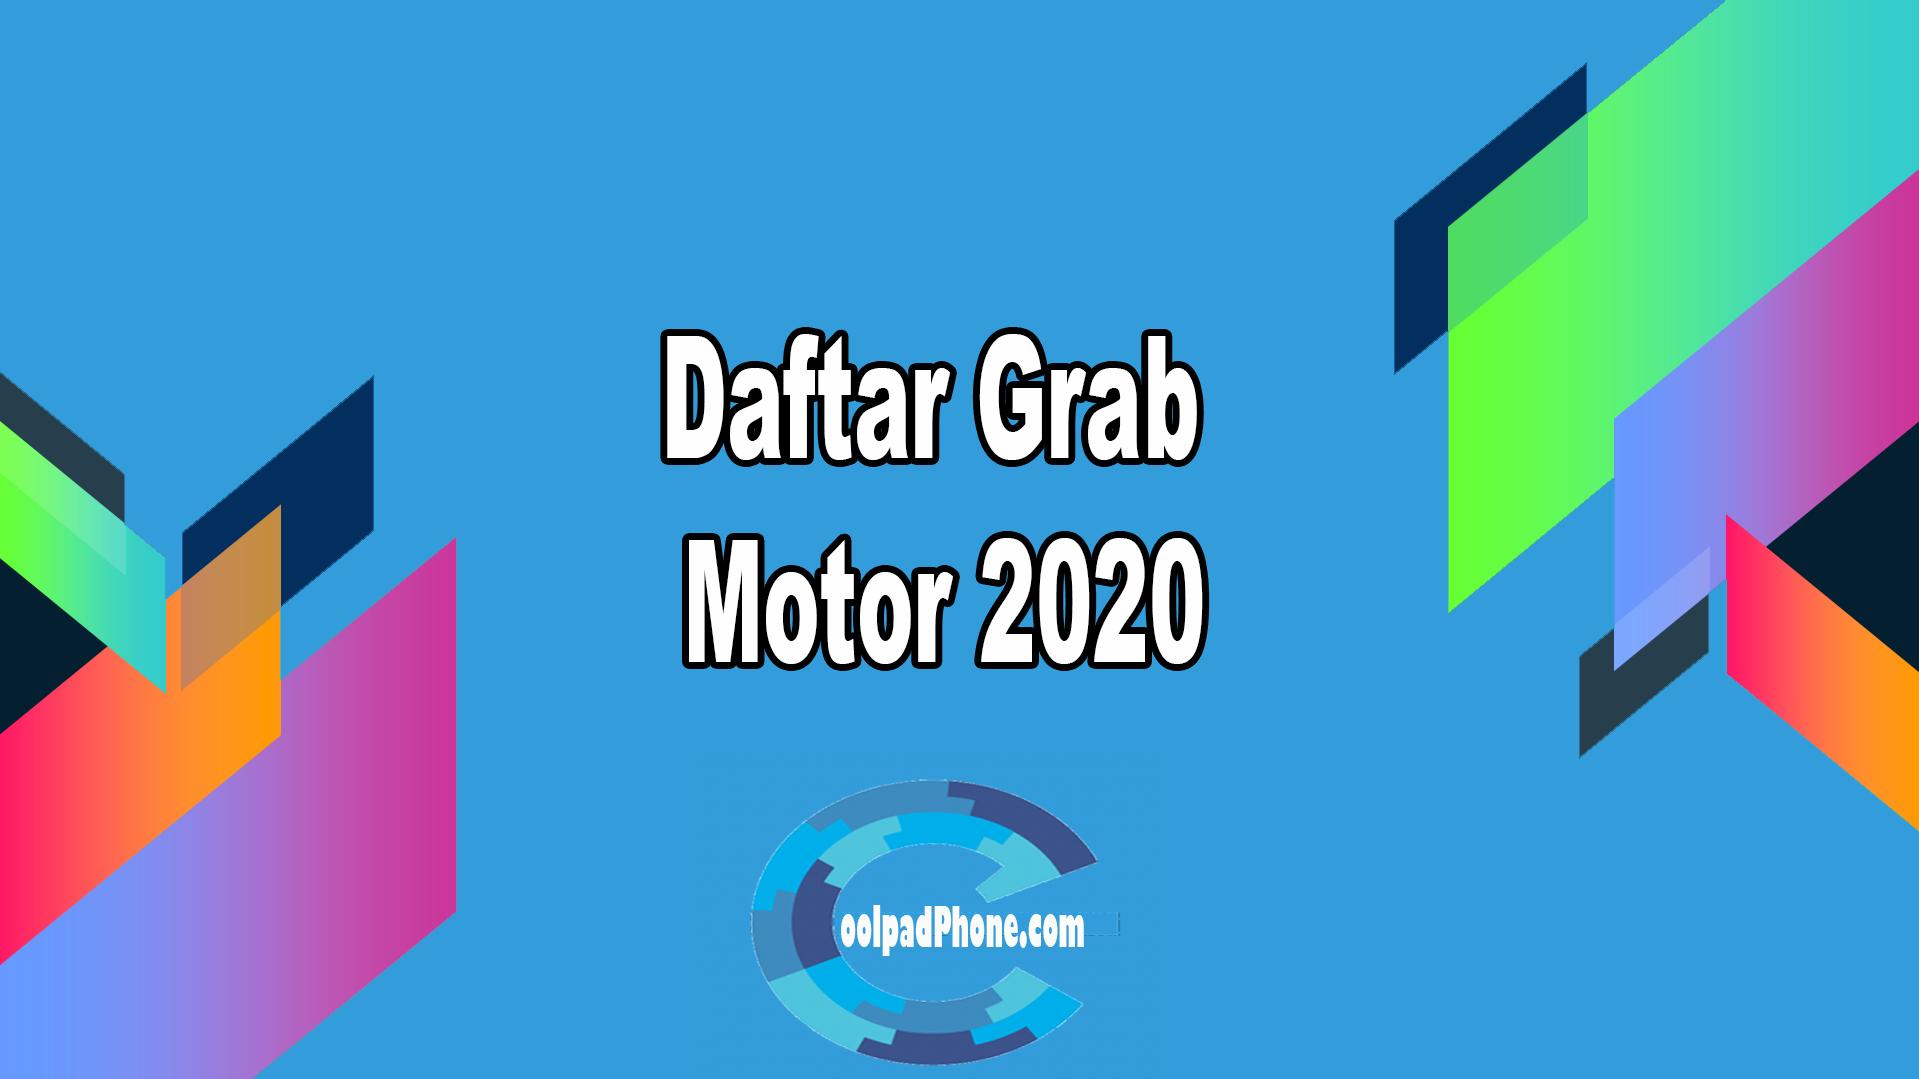 Daftar Grab Motor 2020